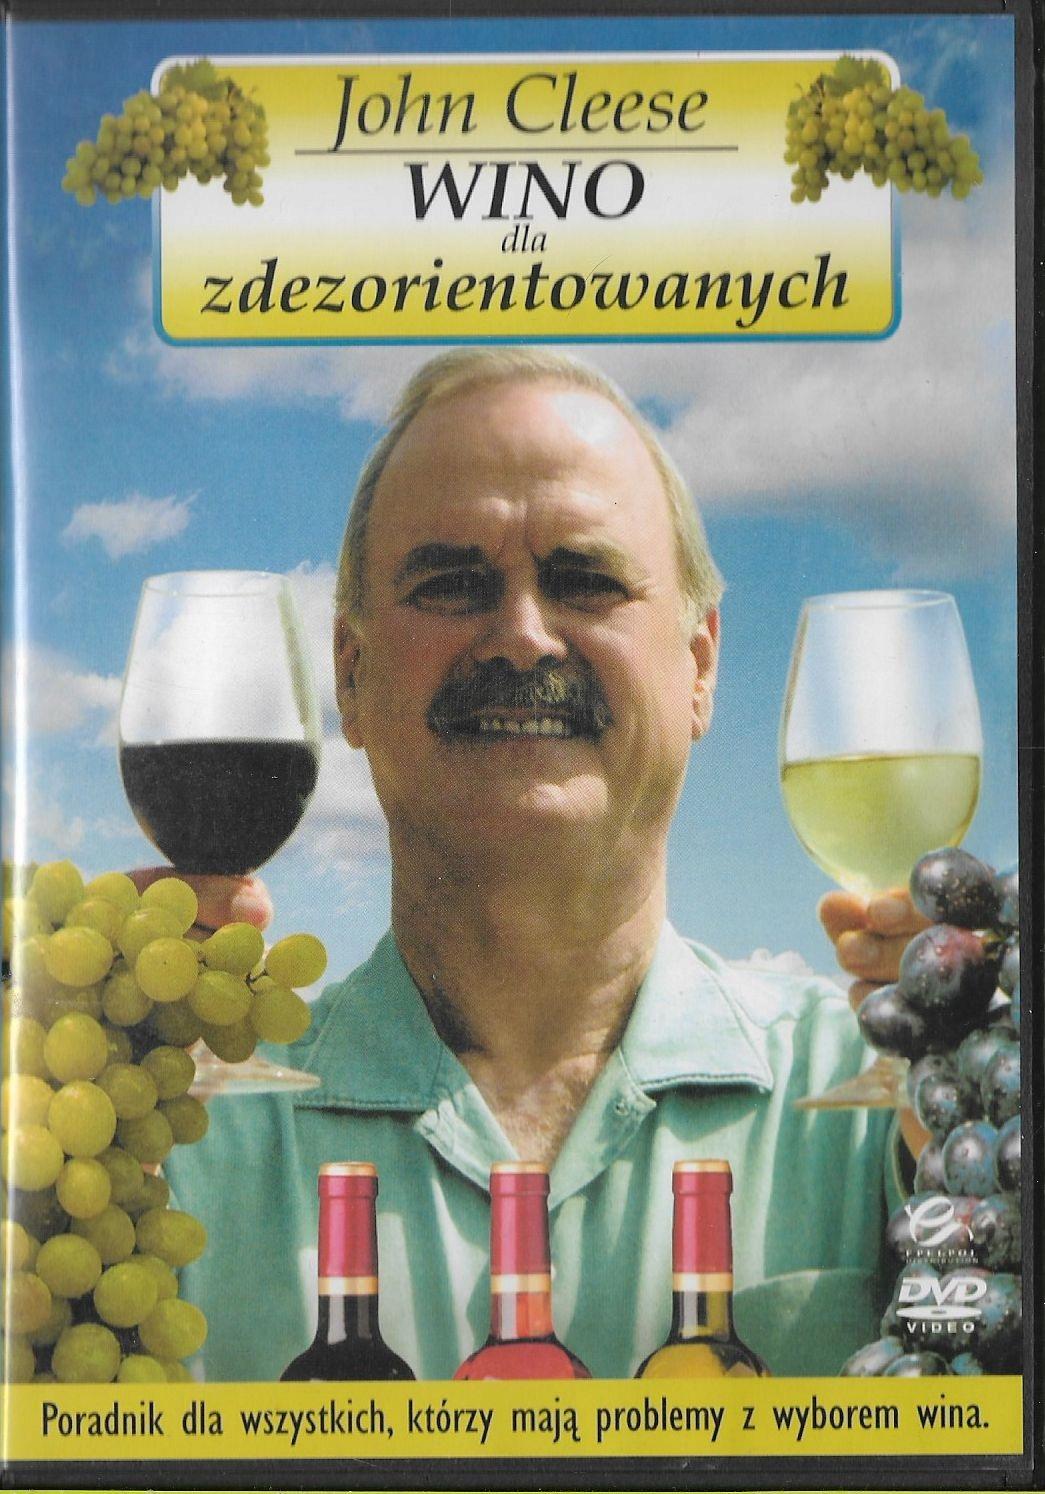 Wino dla zdezorientowanych - John Cleese DVD